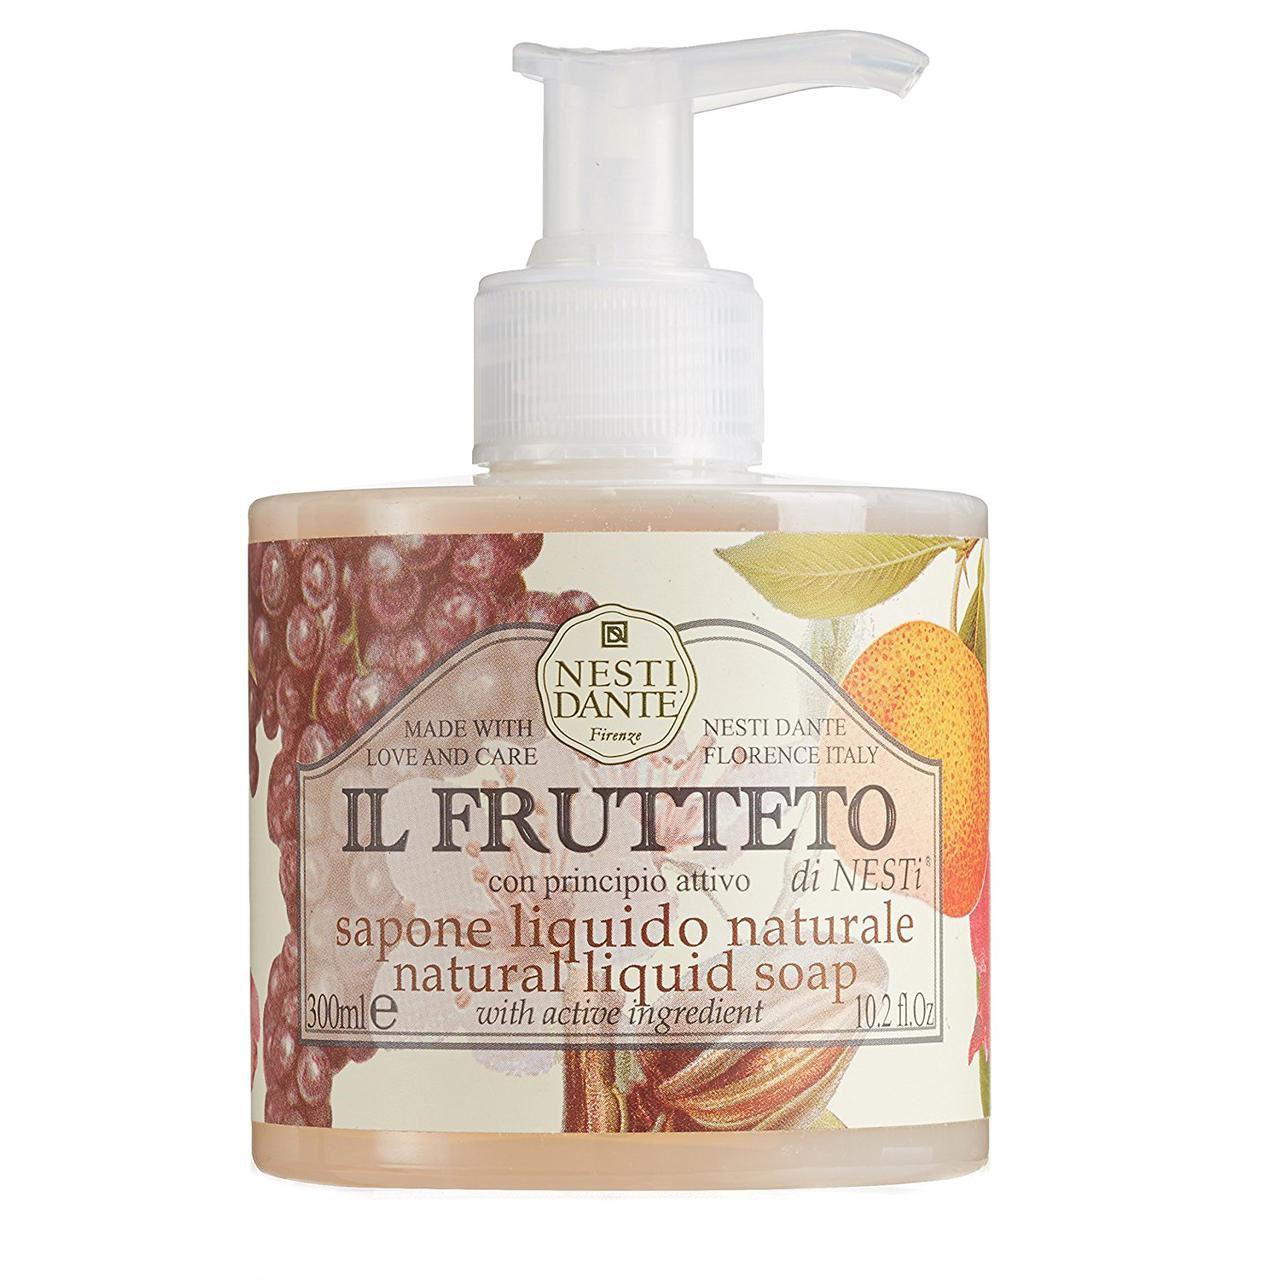 Купить Мыло Nesti Dante, Жидкое мыло для рук и лица Nesti Dante Фруктовое 300 мл